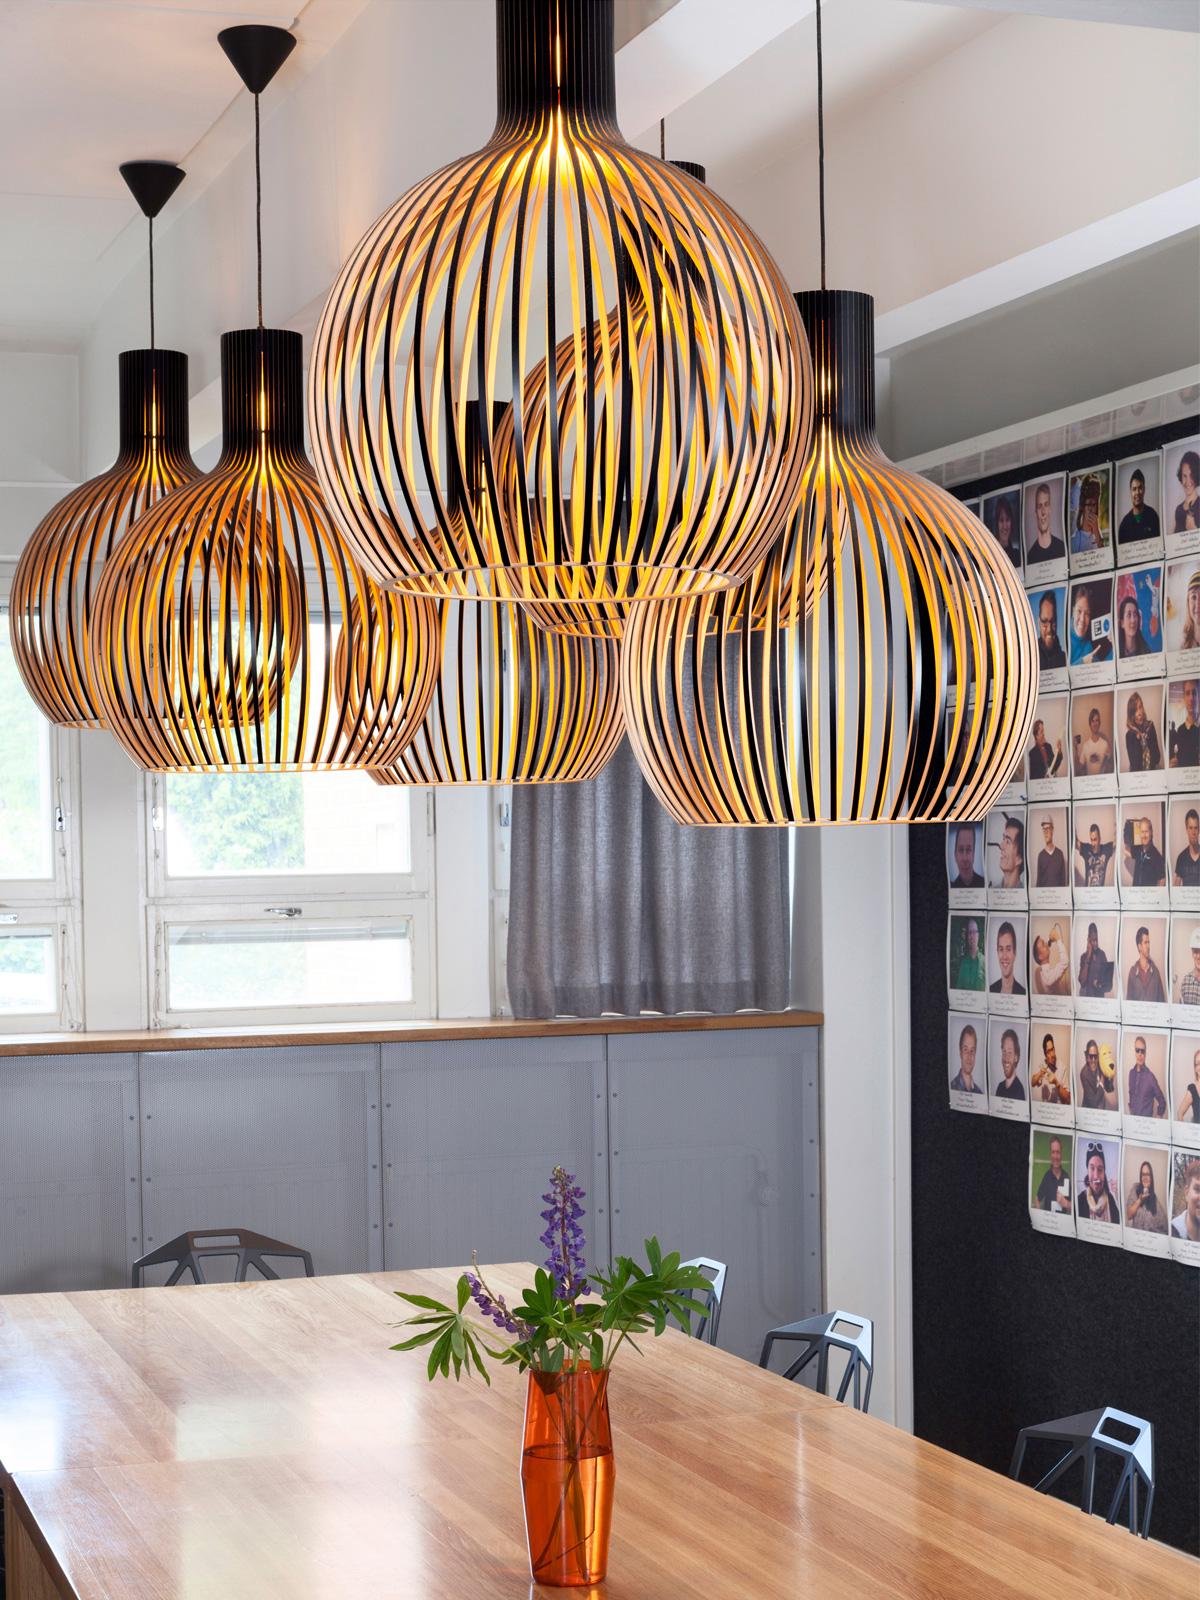 DesignOrt Blog: Beleuchtung für das Home Office Secto Octo 4240